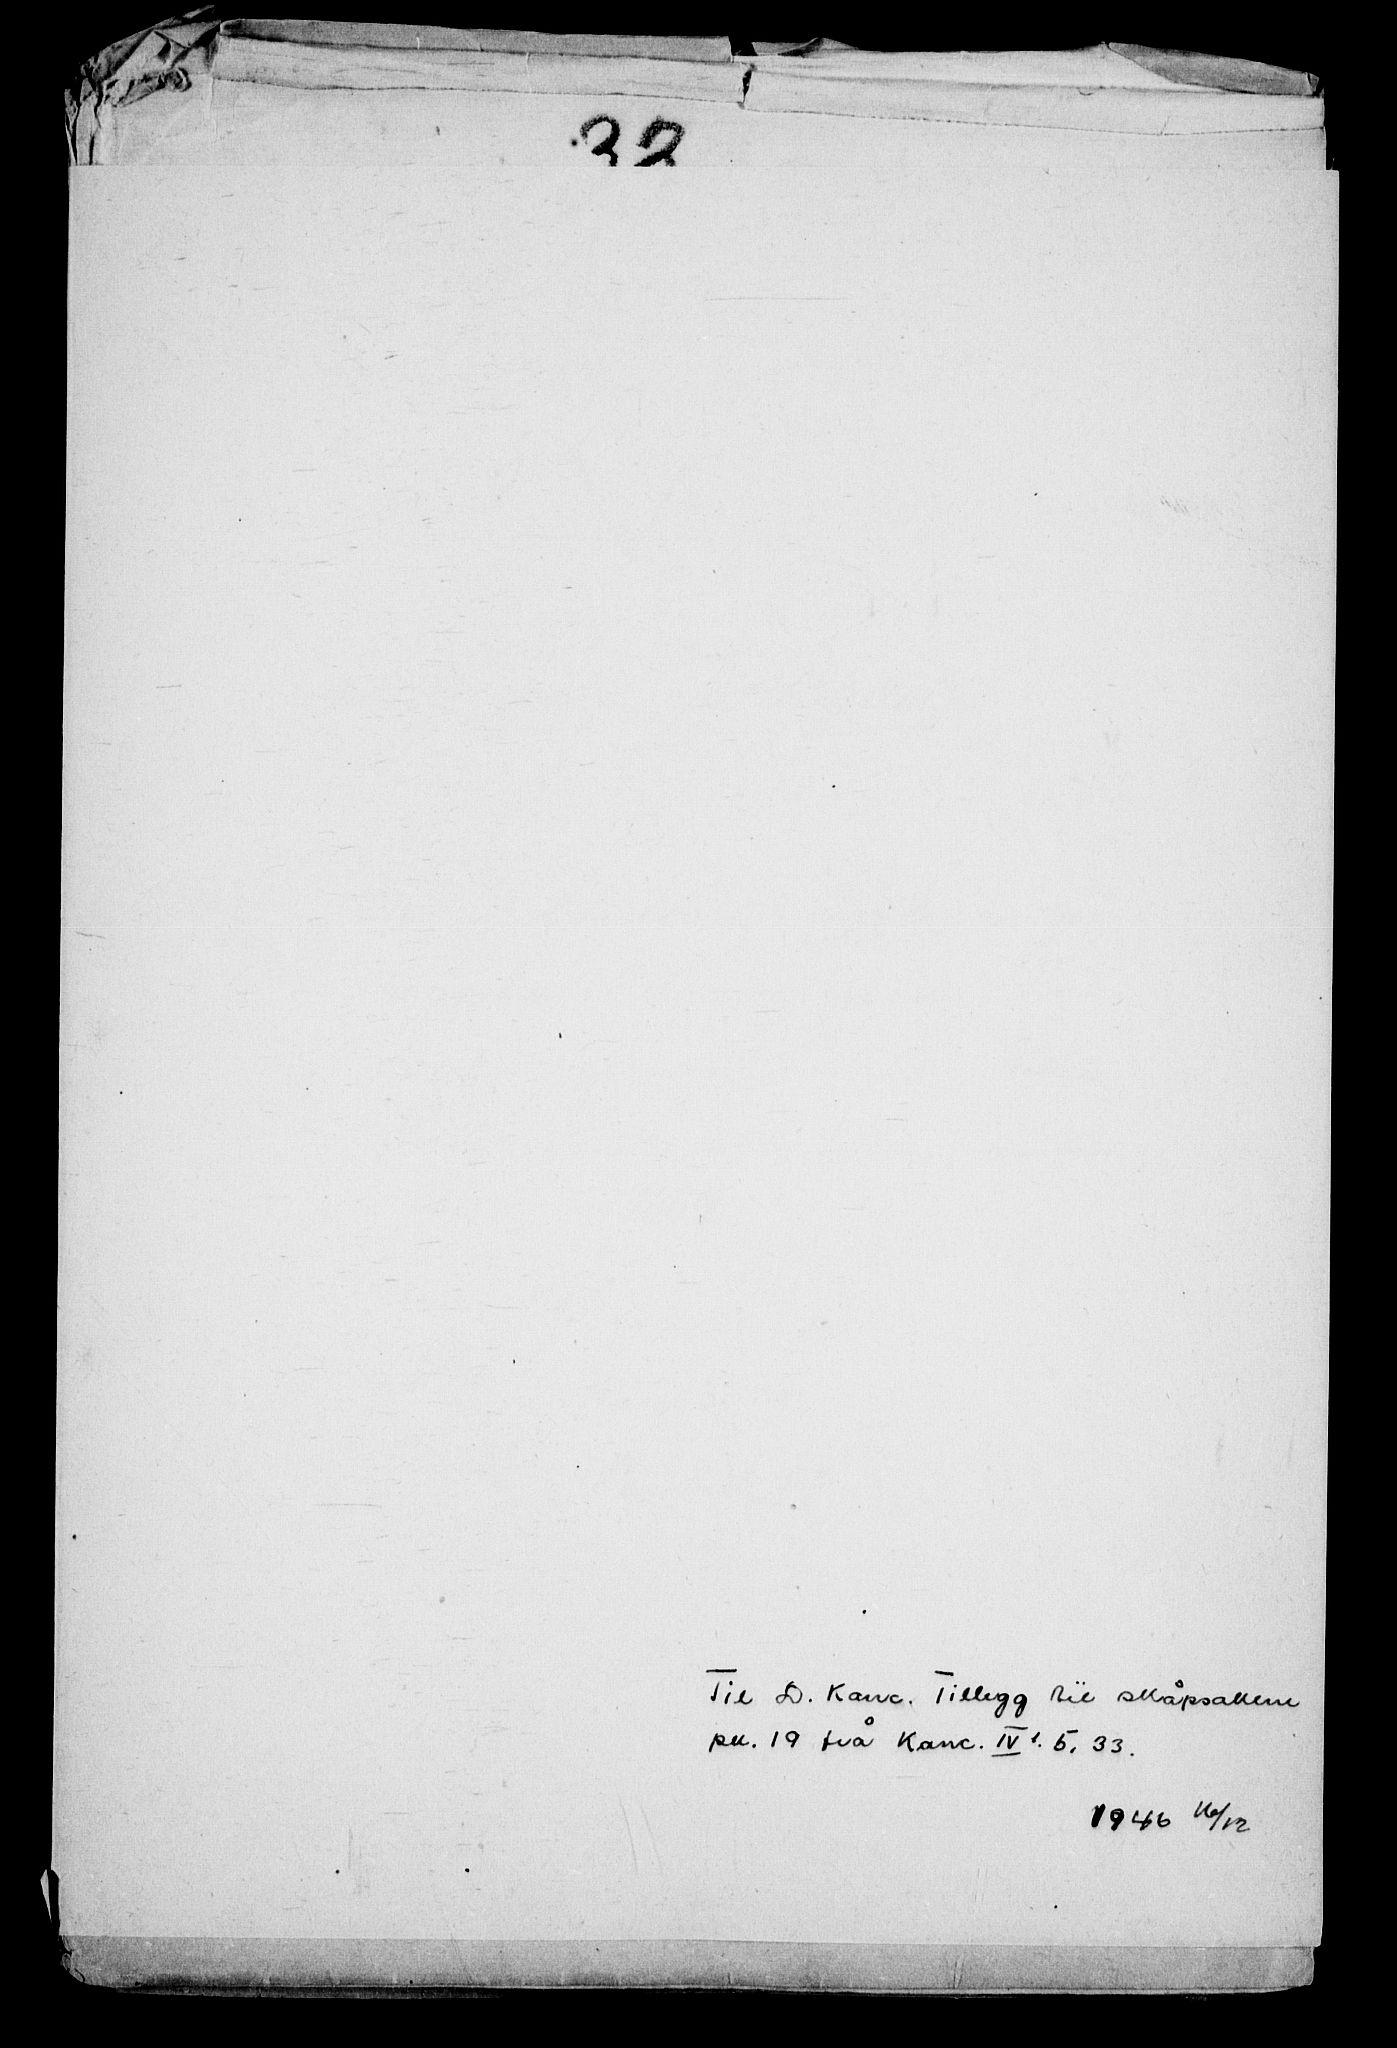 RA, Danske Kanselli, Skapsaker, G/L0019: Tillegg til skapsakene, 1616-1753, p. 173